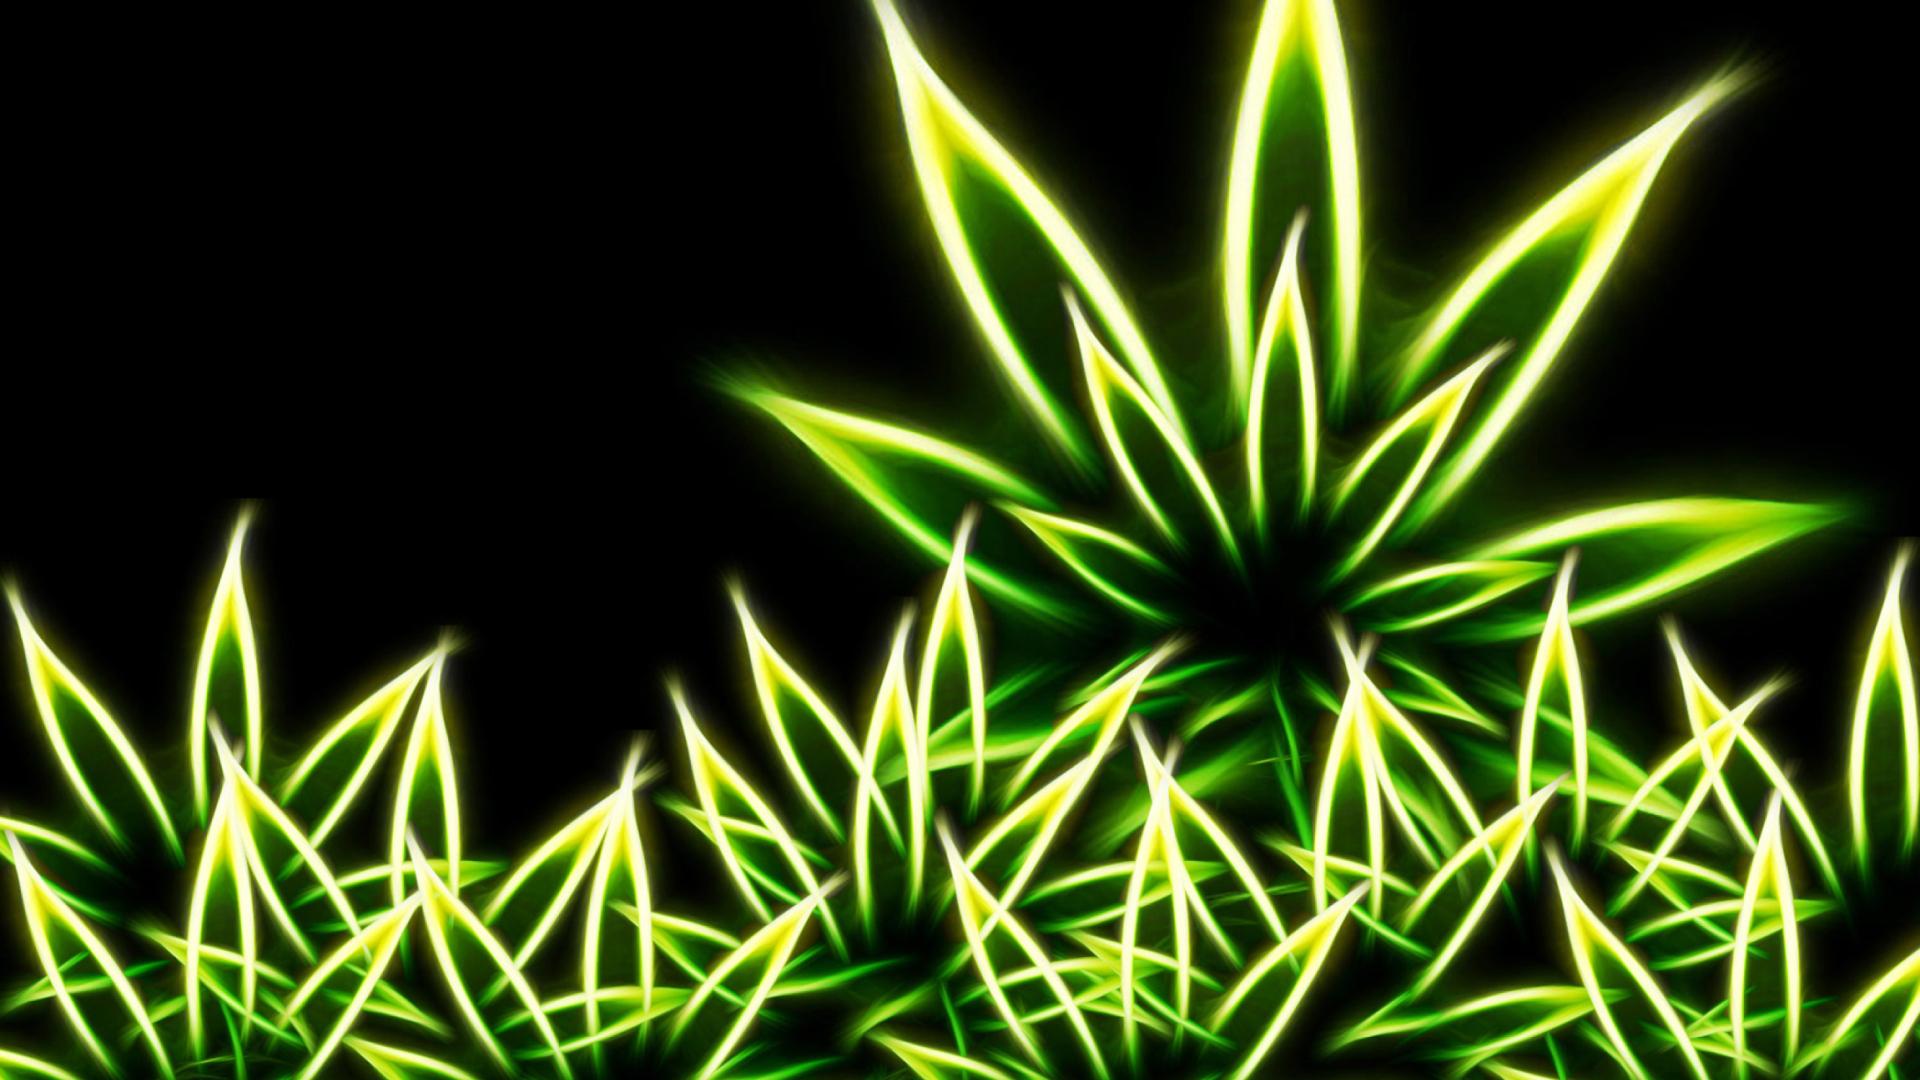 Marijuana fondos de pantalla gratis para escritorio for Fondos de escritorio full hd